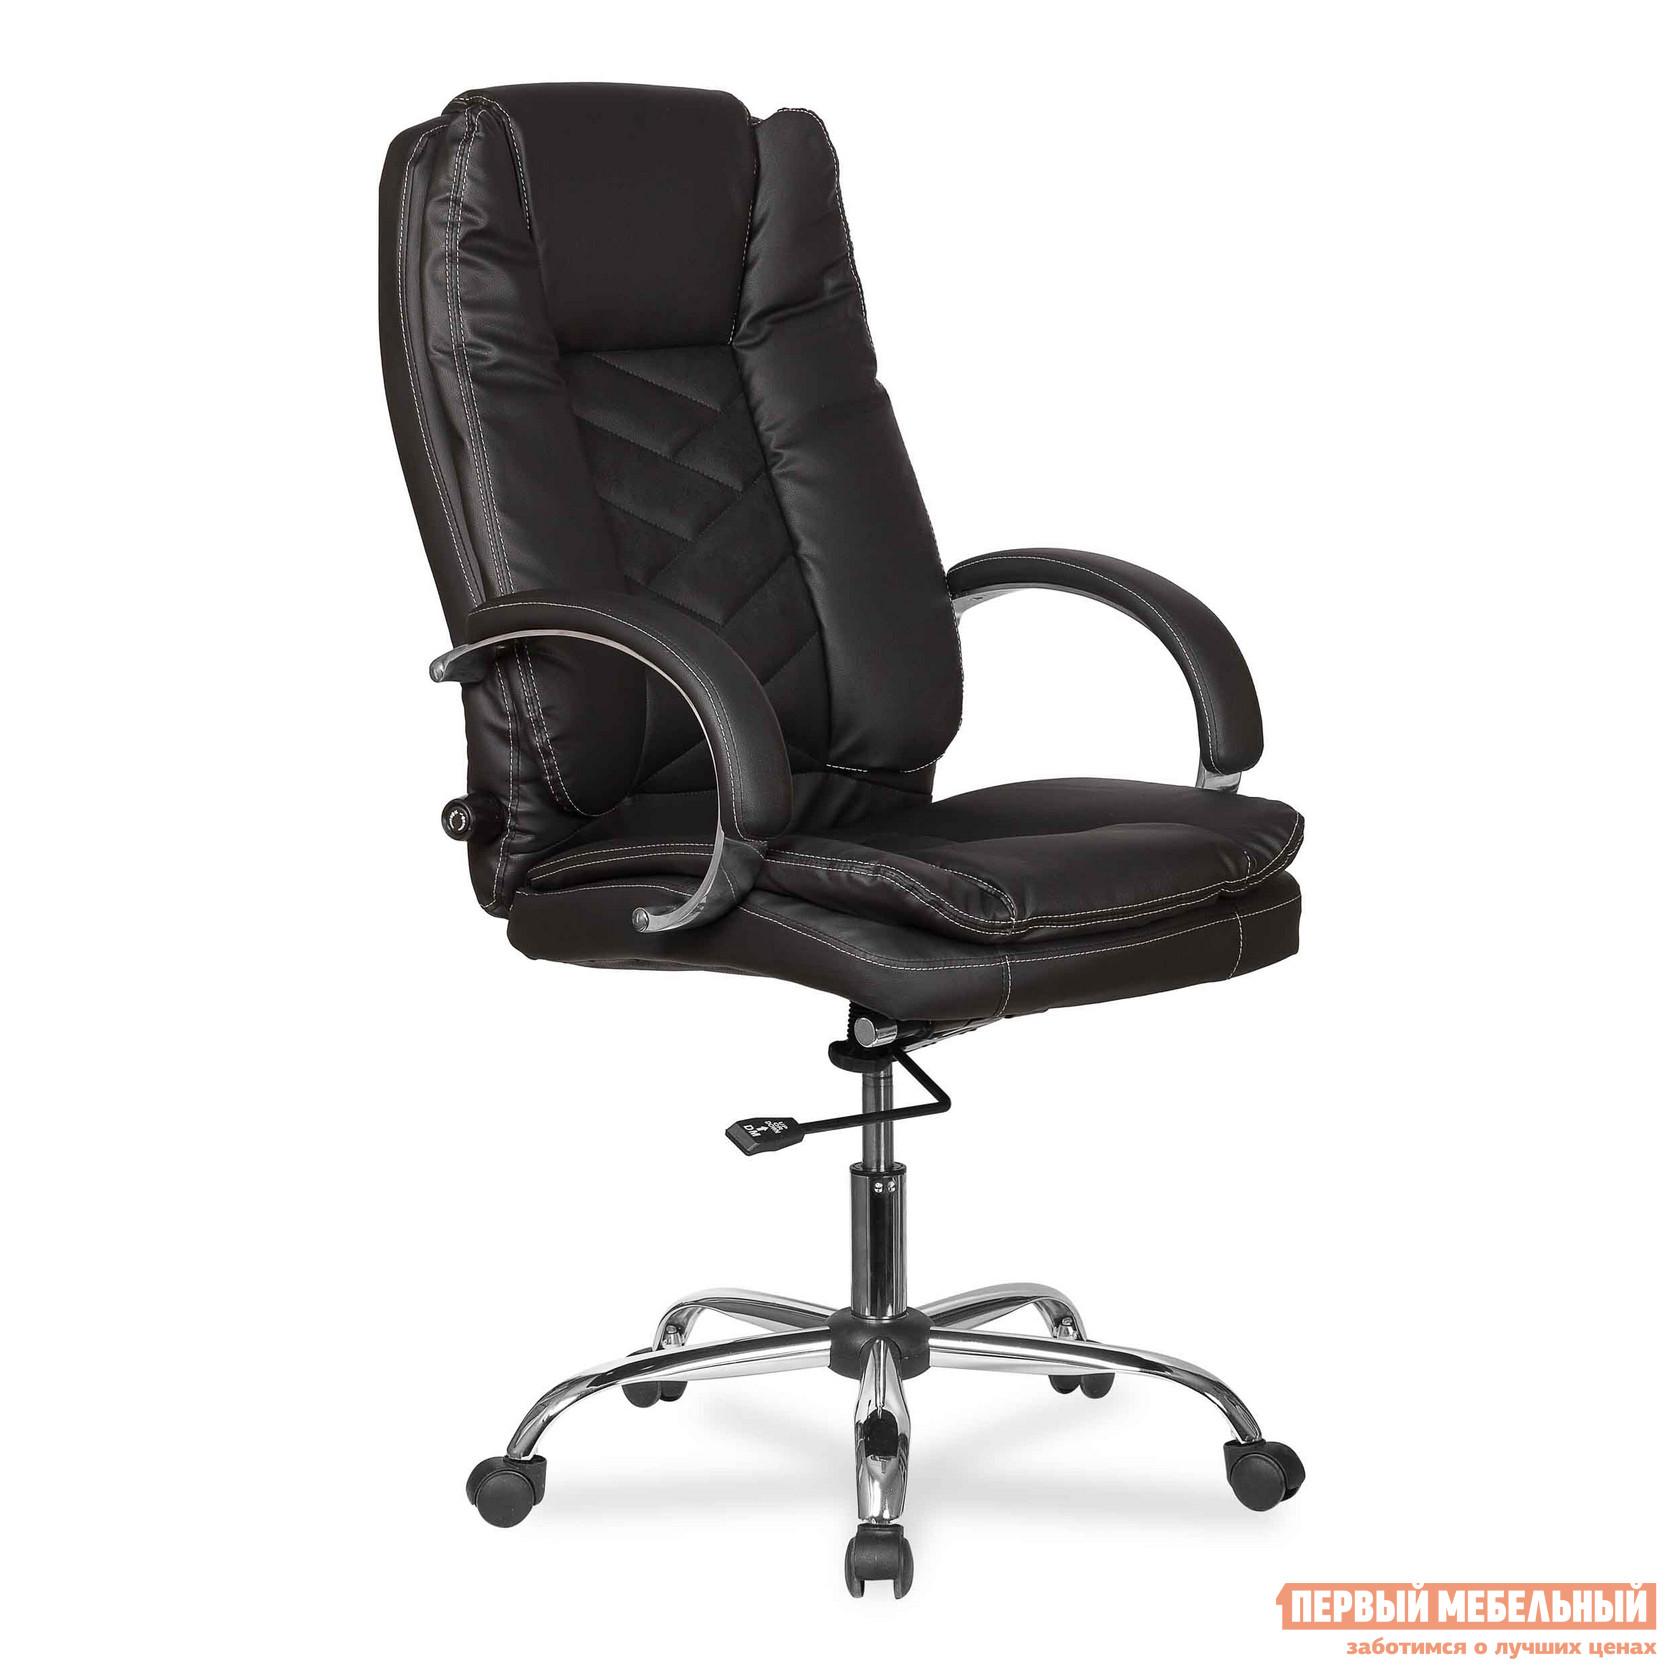 Кресло руководителя College Кресло BX-3295/Black кресло руководителя college bx 3001 1 экокожа коричневый